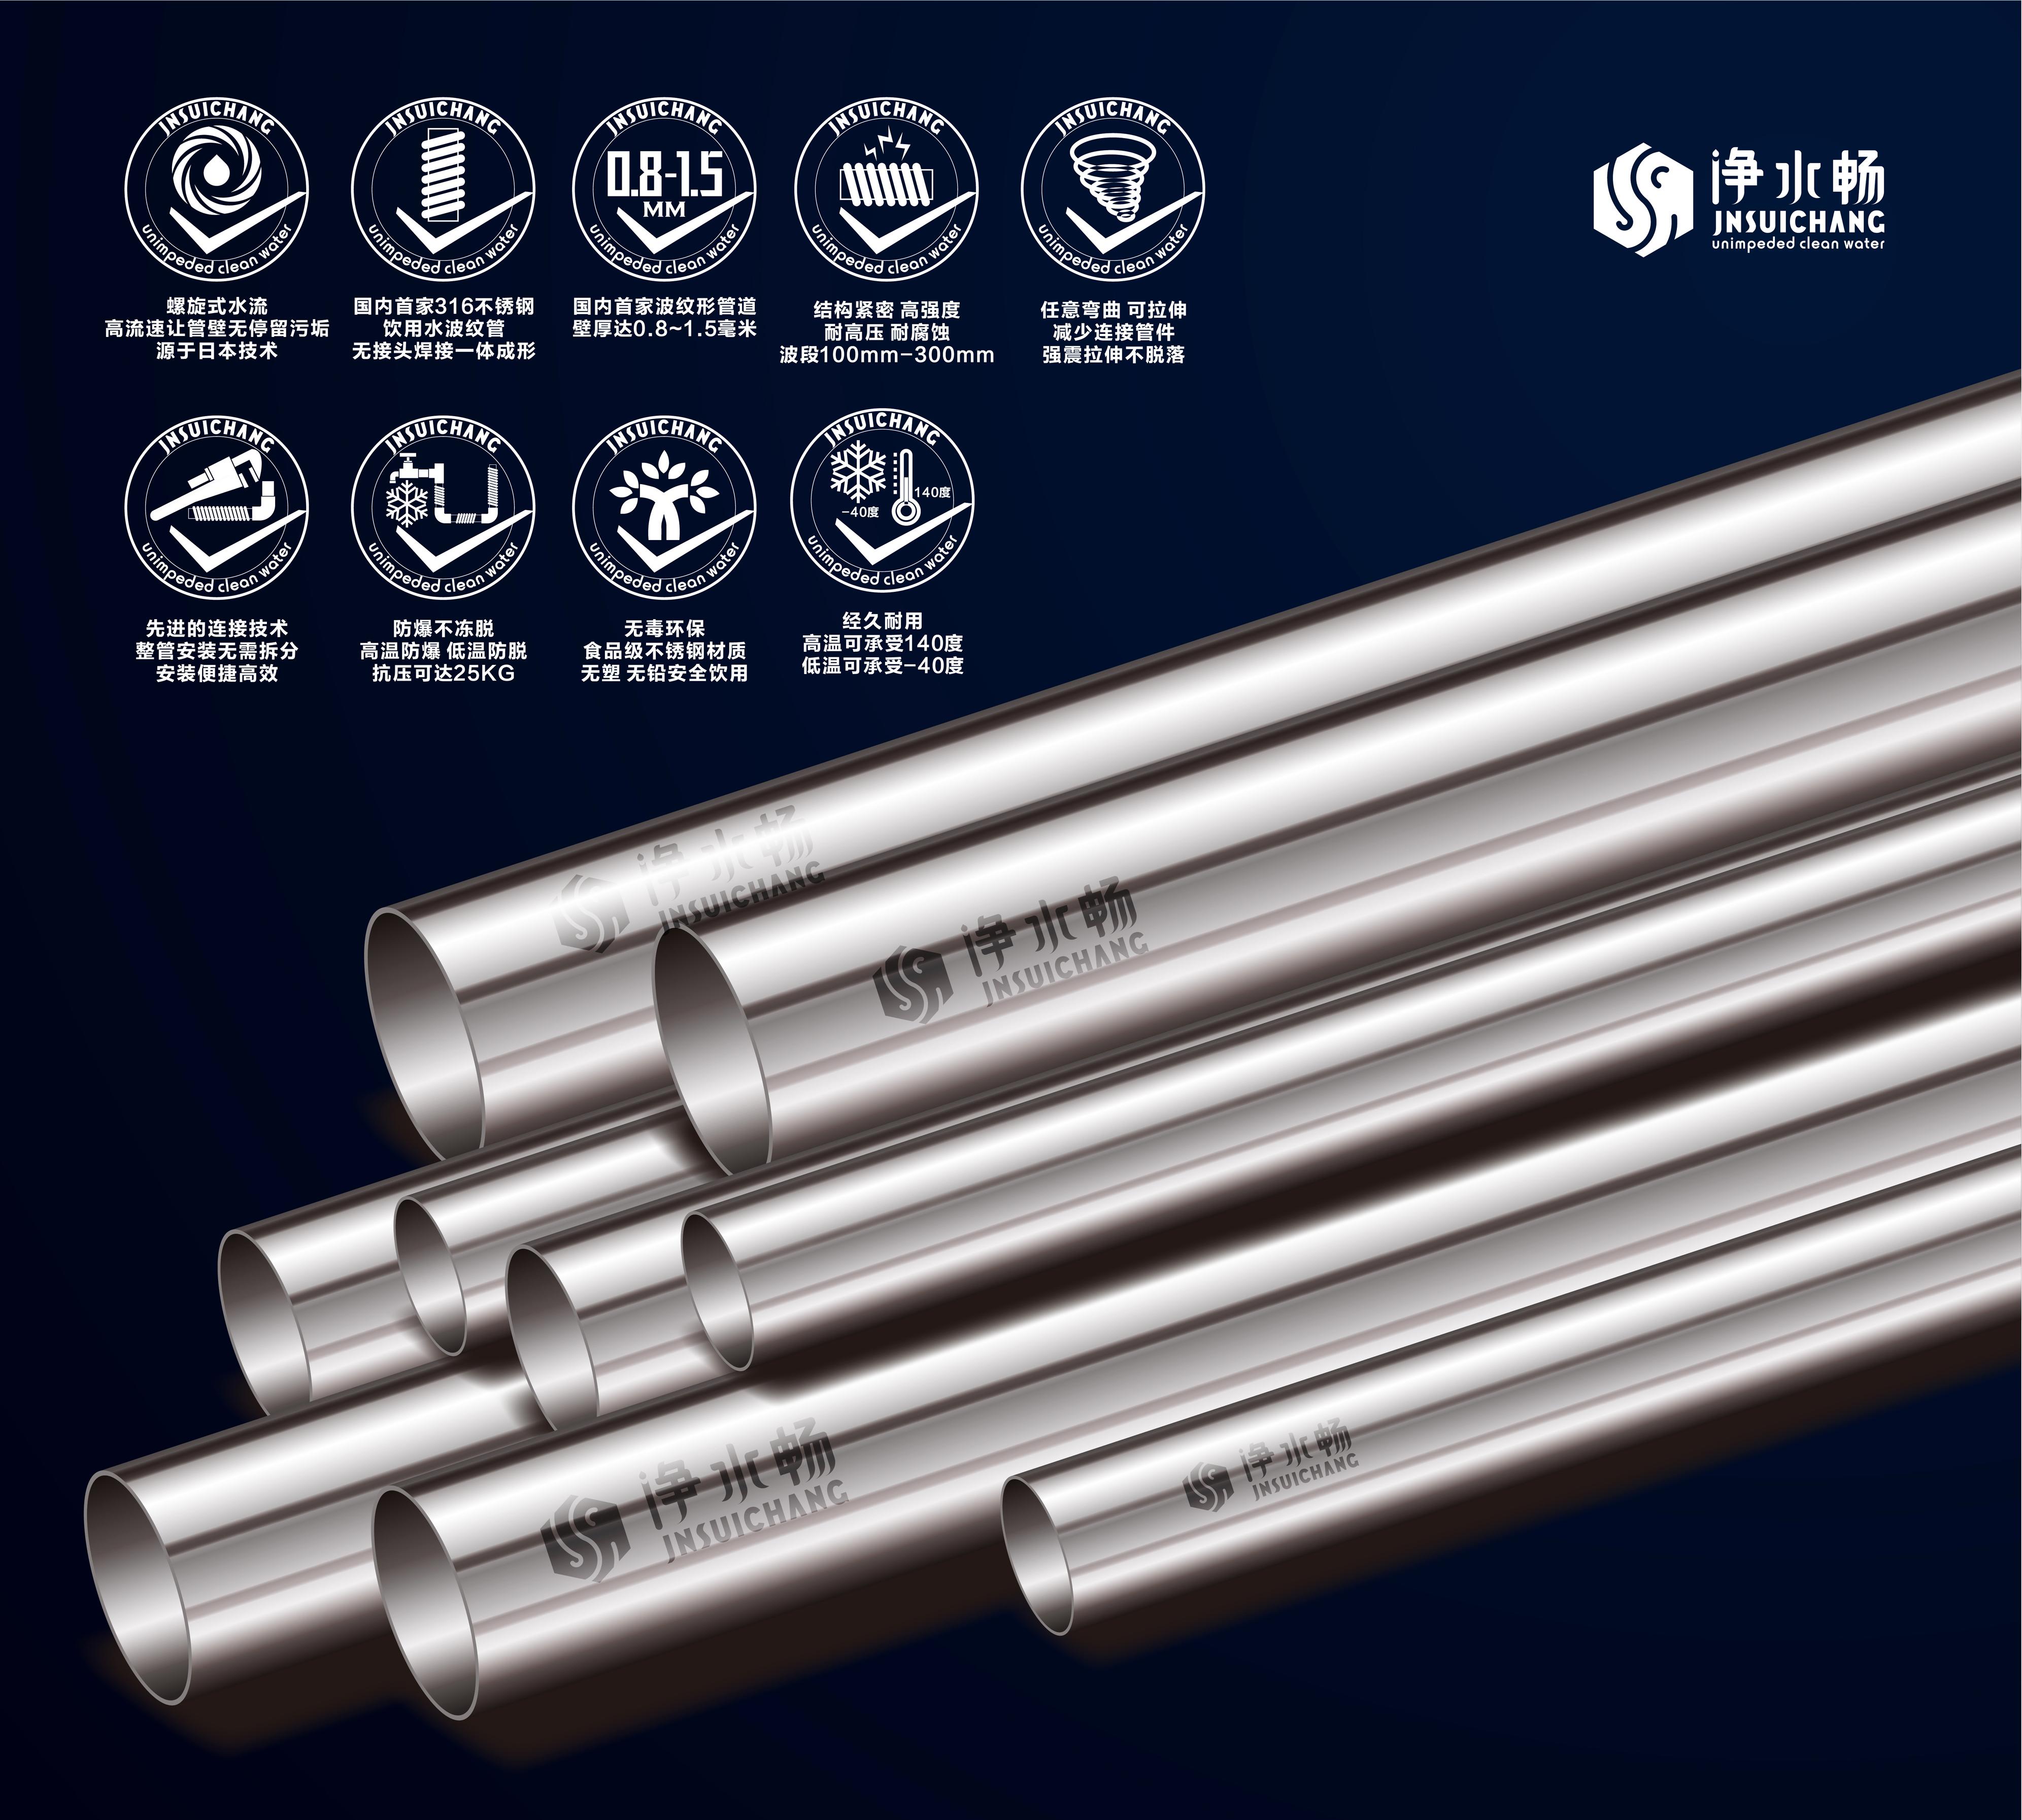 江苏南京栖霞S30400不锈钢水管